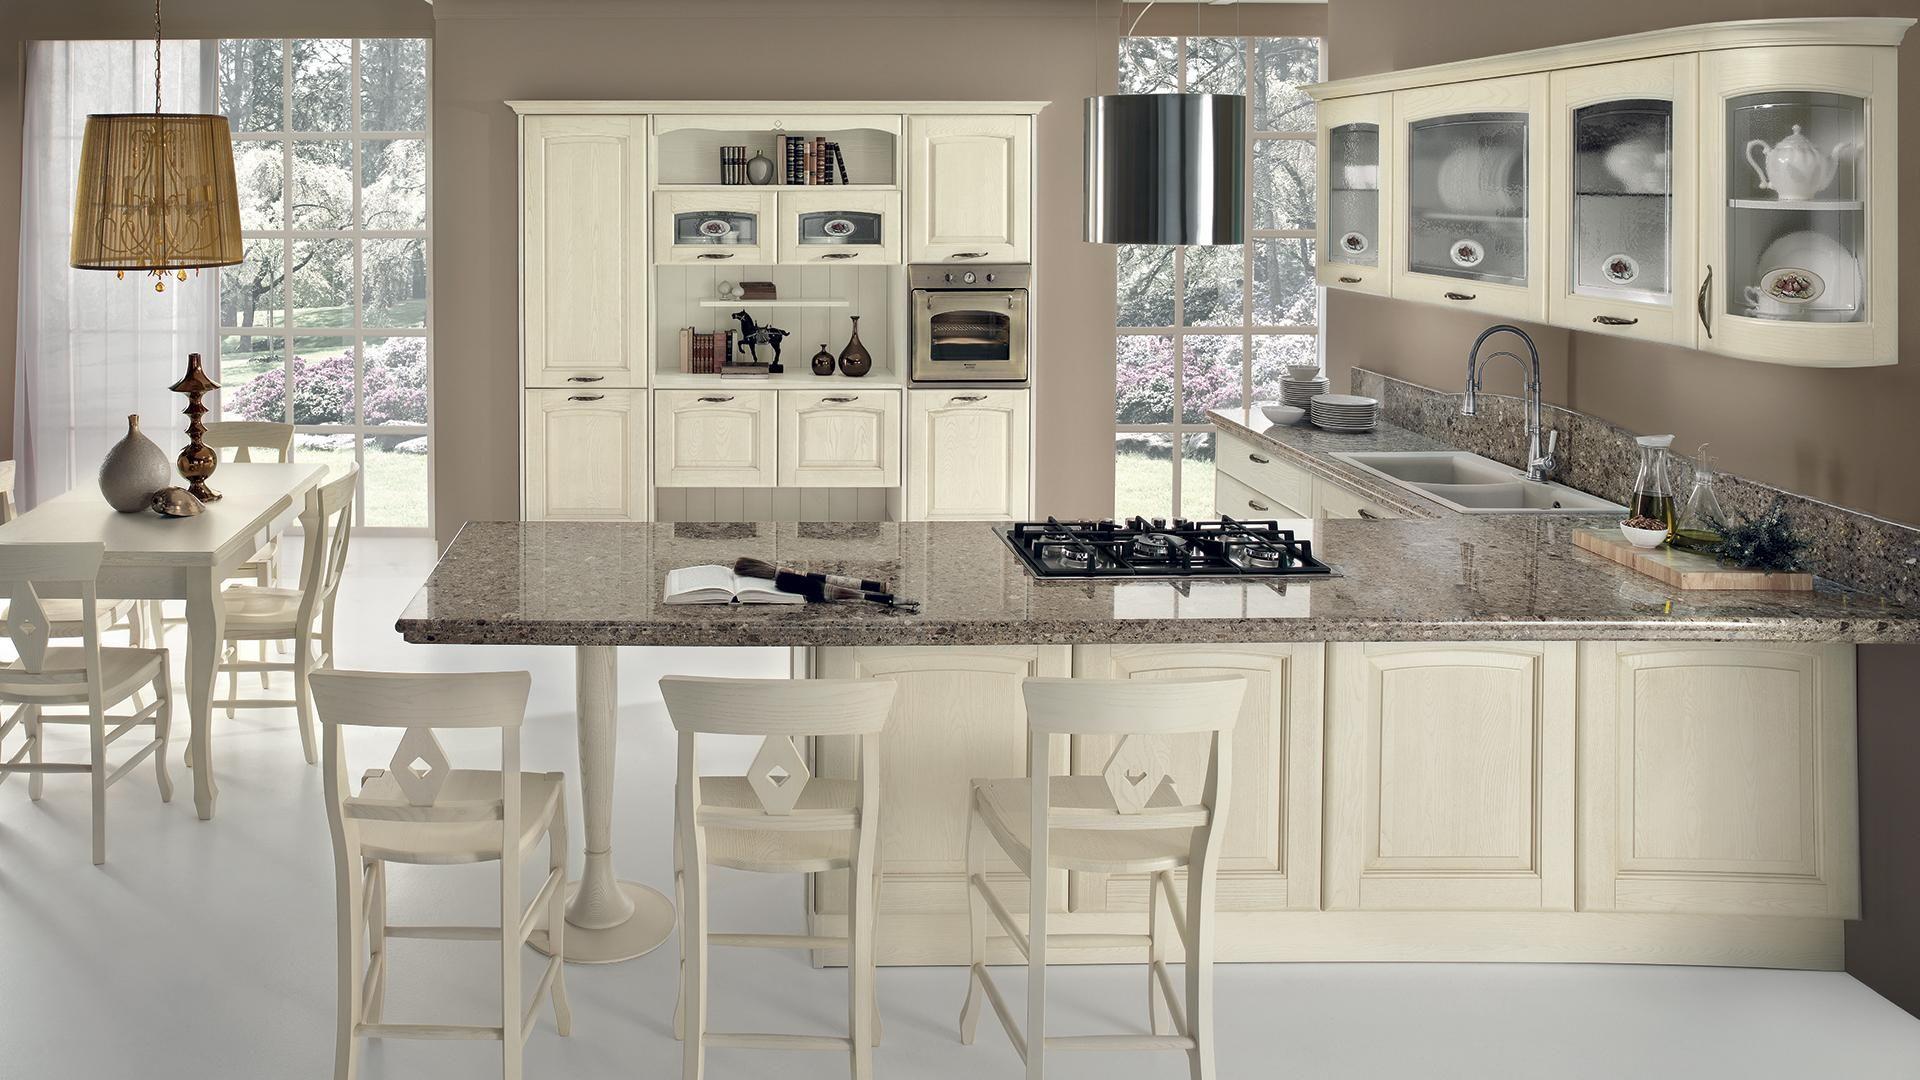 Veronica - Cucine Classiche - Cucine Lube | Cucina | Pinterest ...